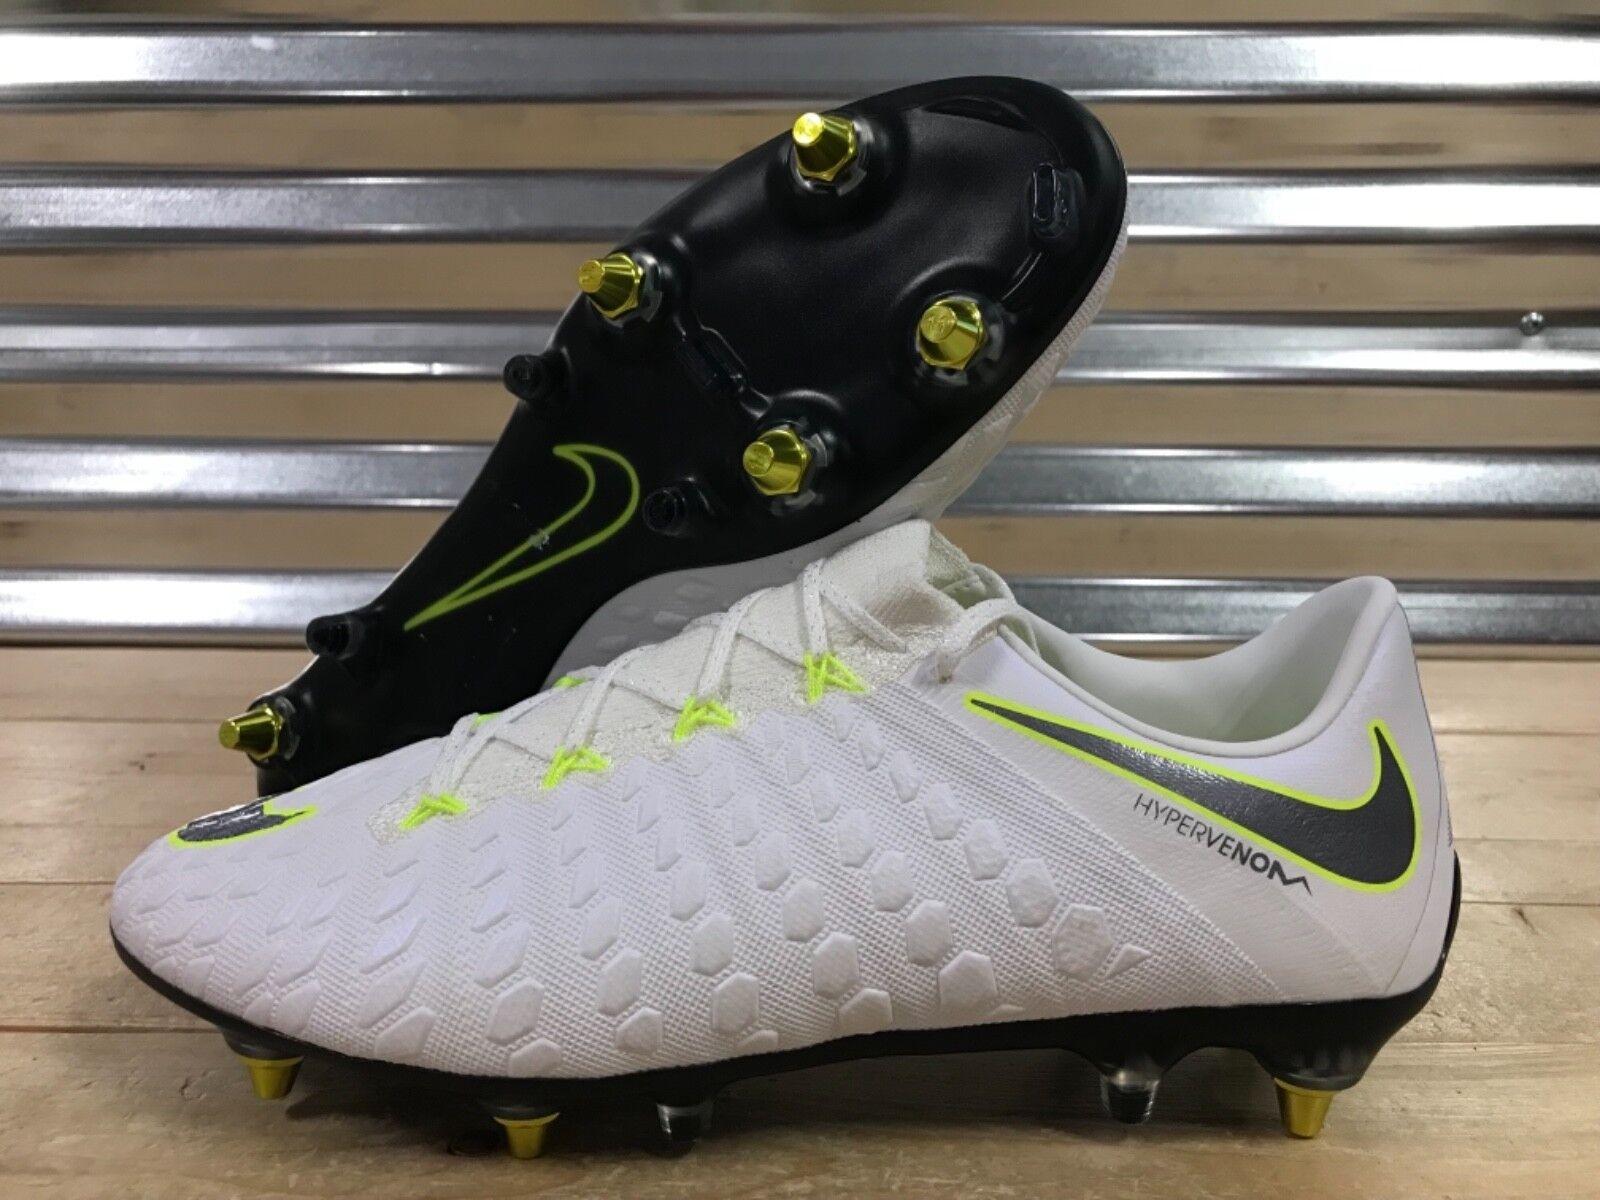 Nike Hypervenom Fantasma III 3 SG Pro Botines De Fútbol Tamaño voltios blancoo (AJ3810-108)